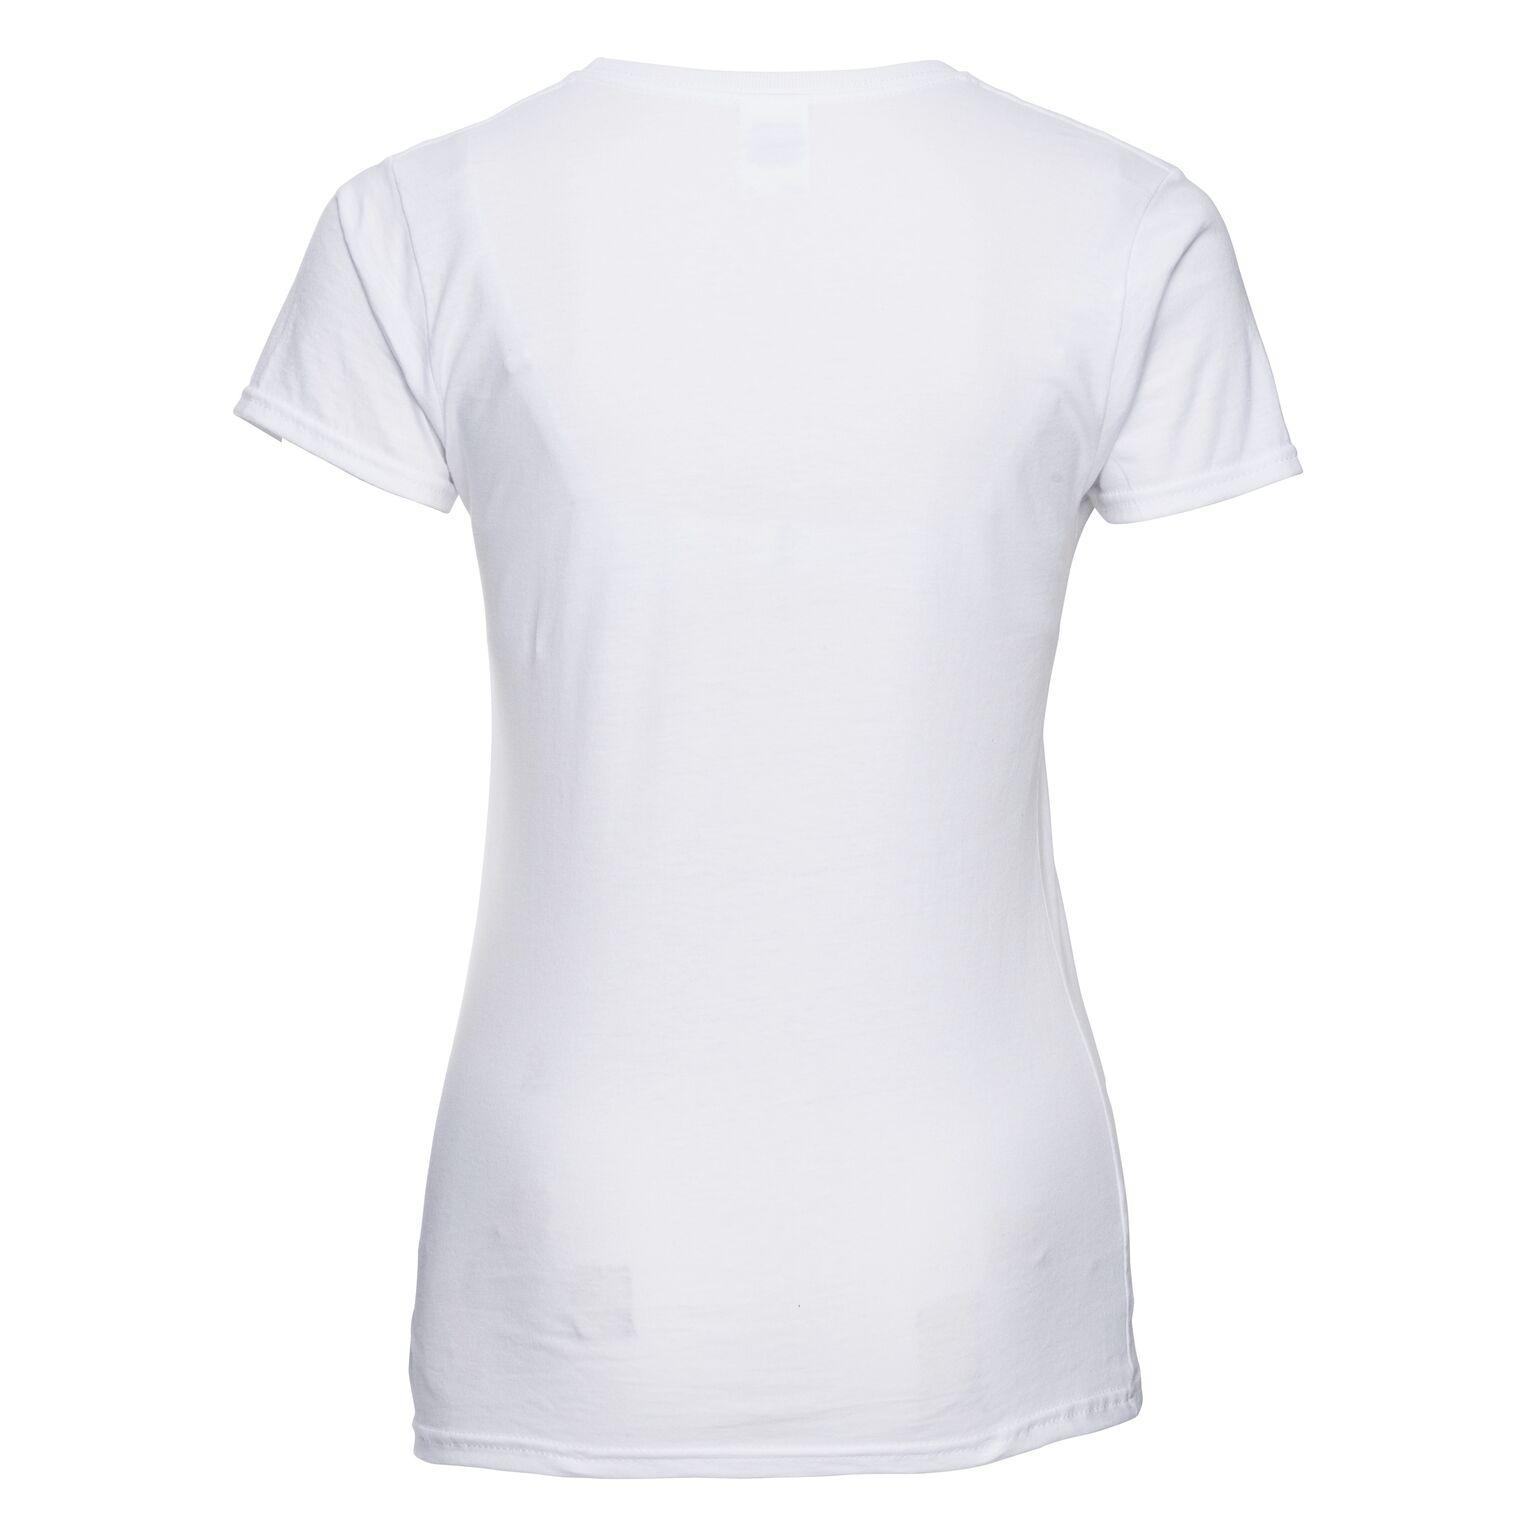 05_j155f_blanc--0-0--5d4f8d86-c87f-40ed-b616-93abeda0001f